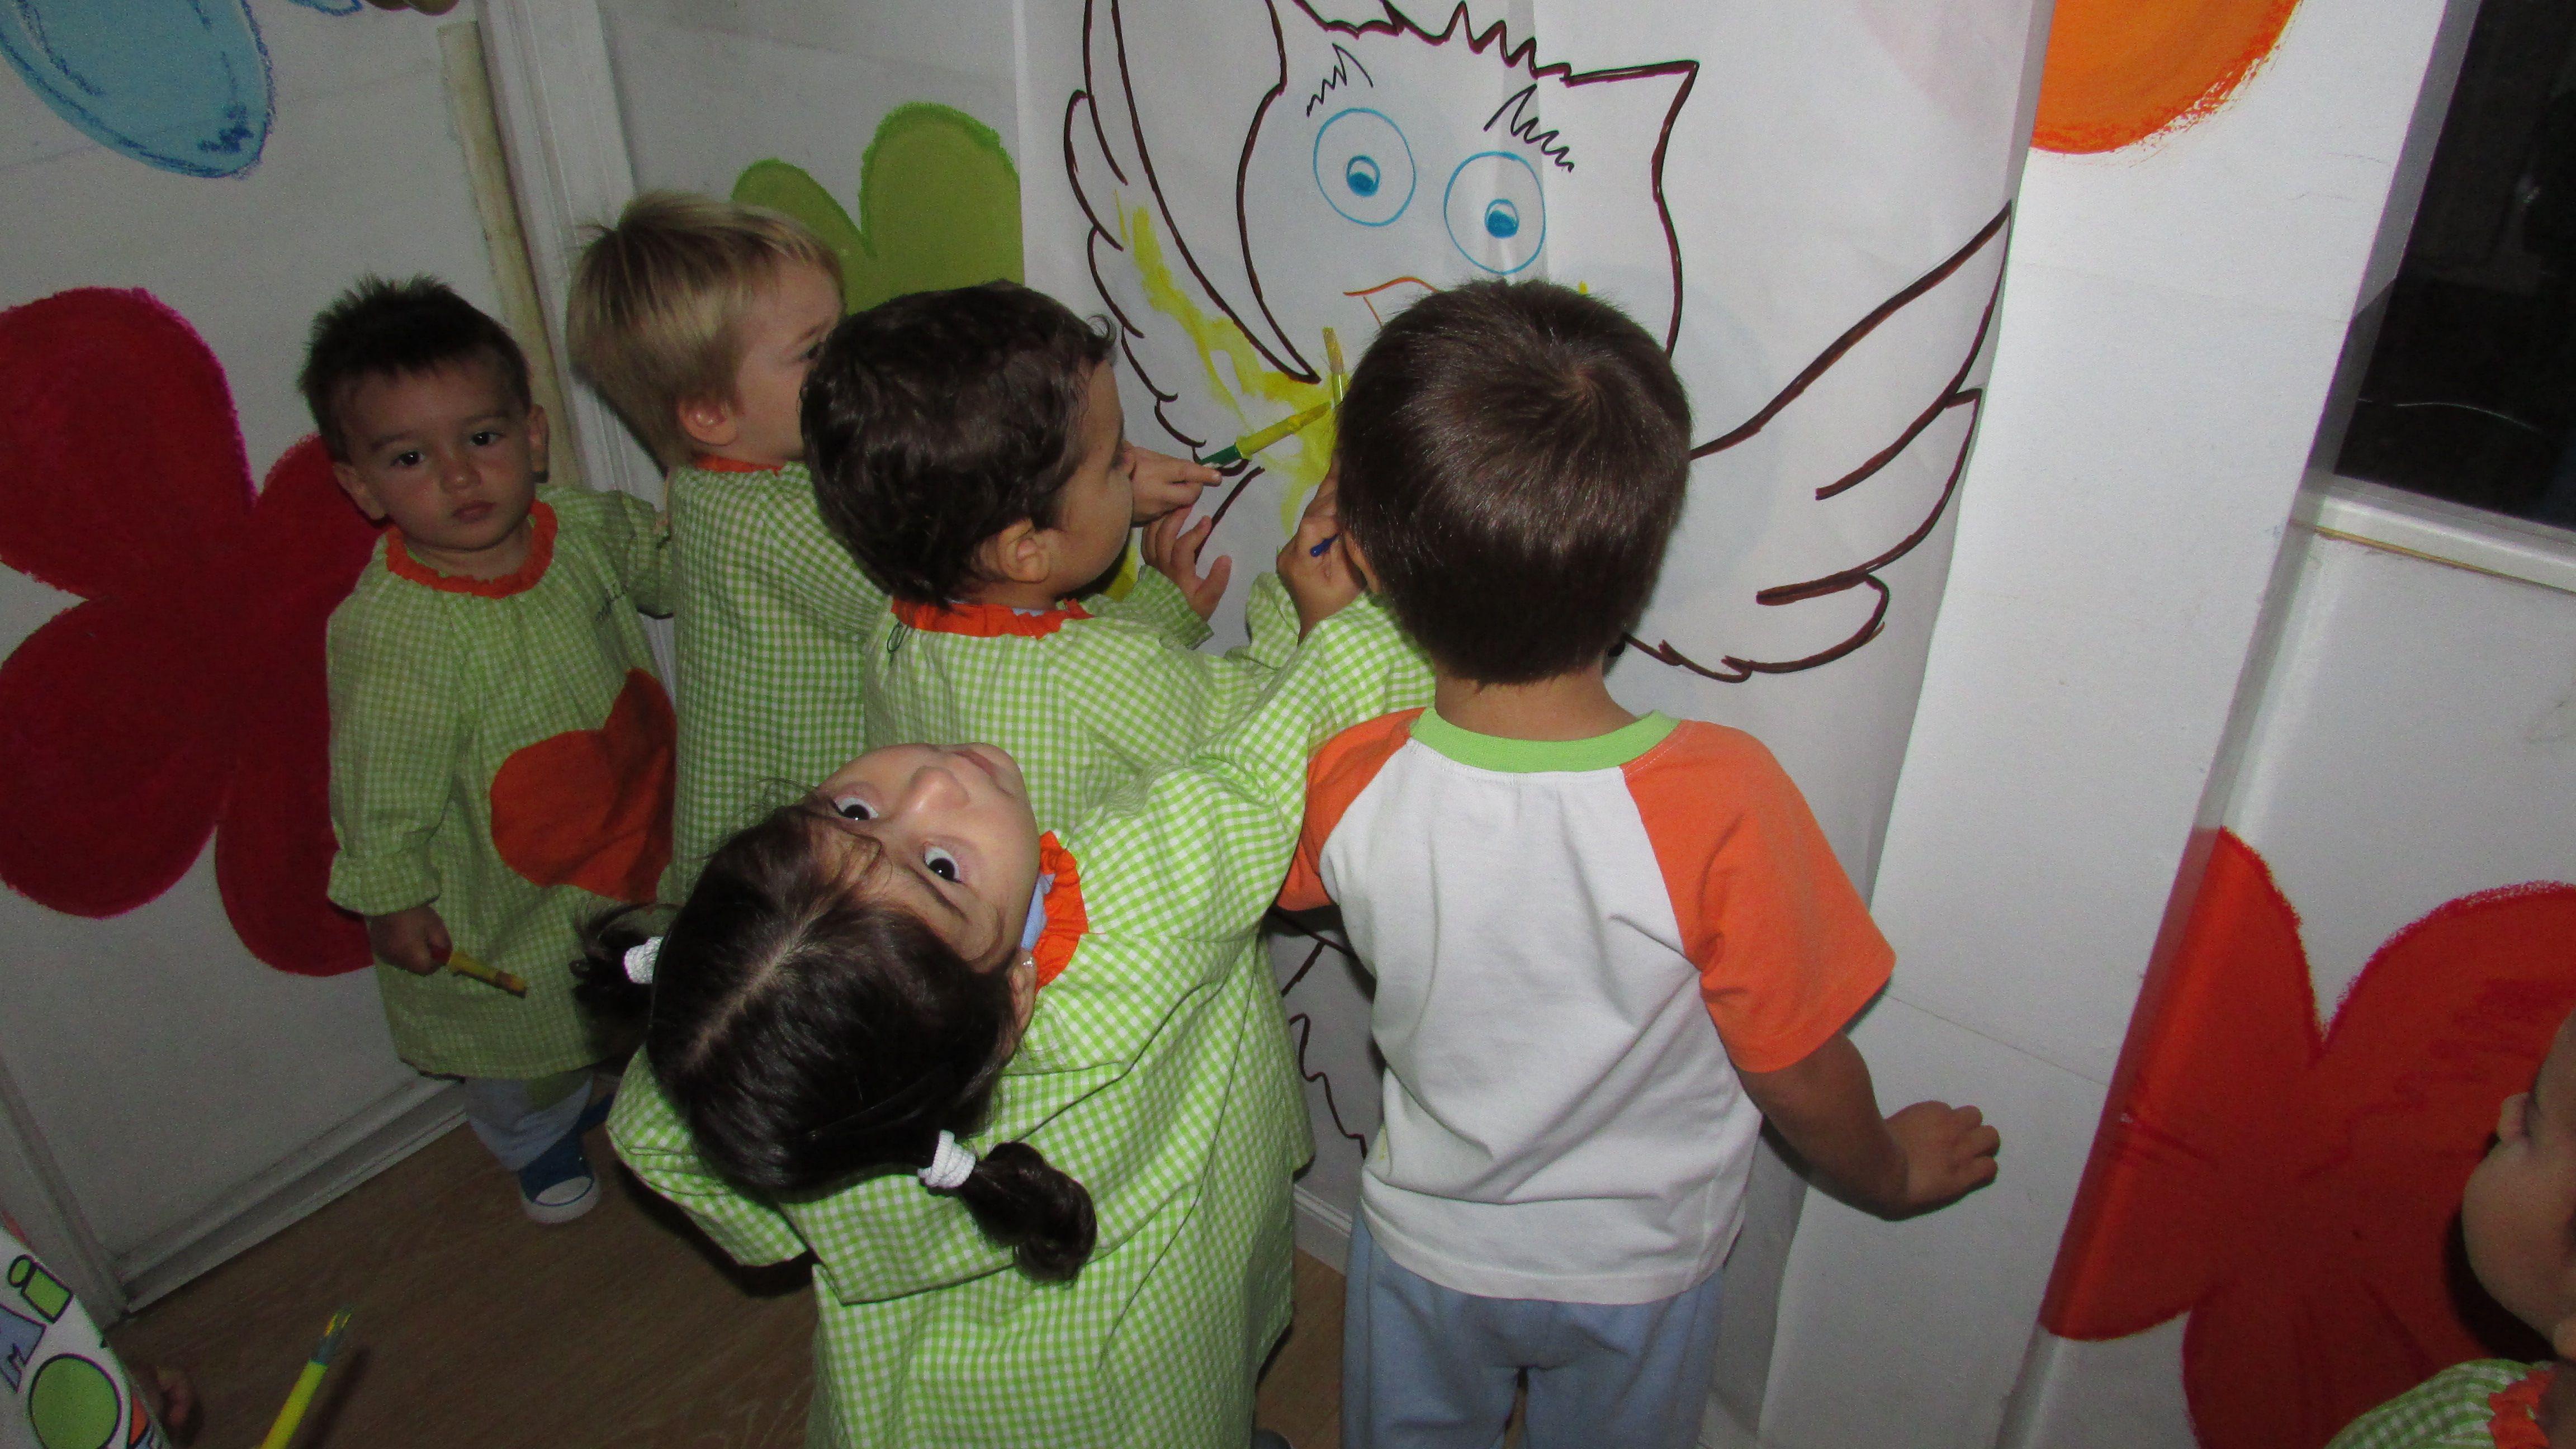 Centro de educación infantil Madrid